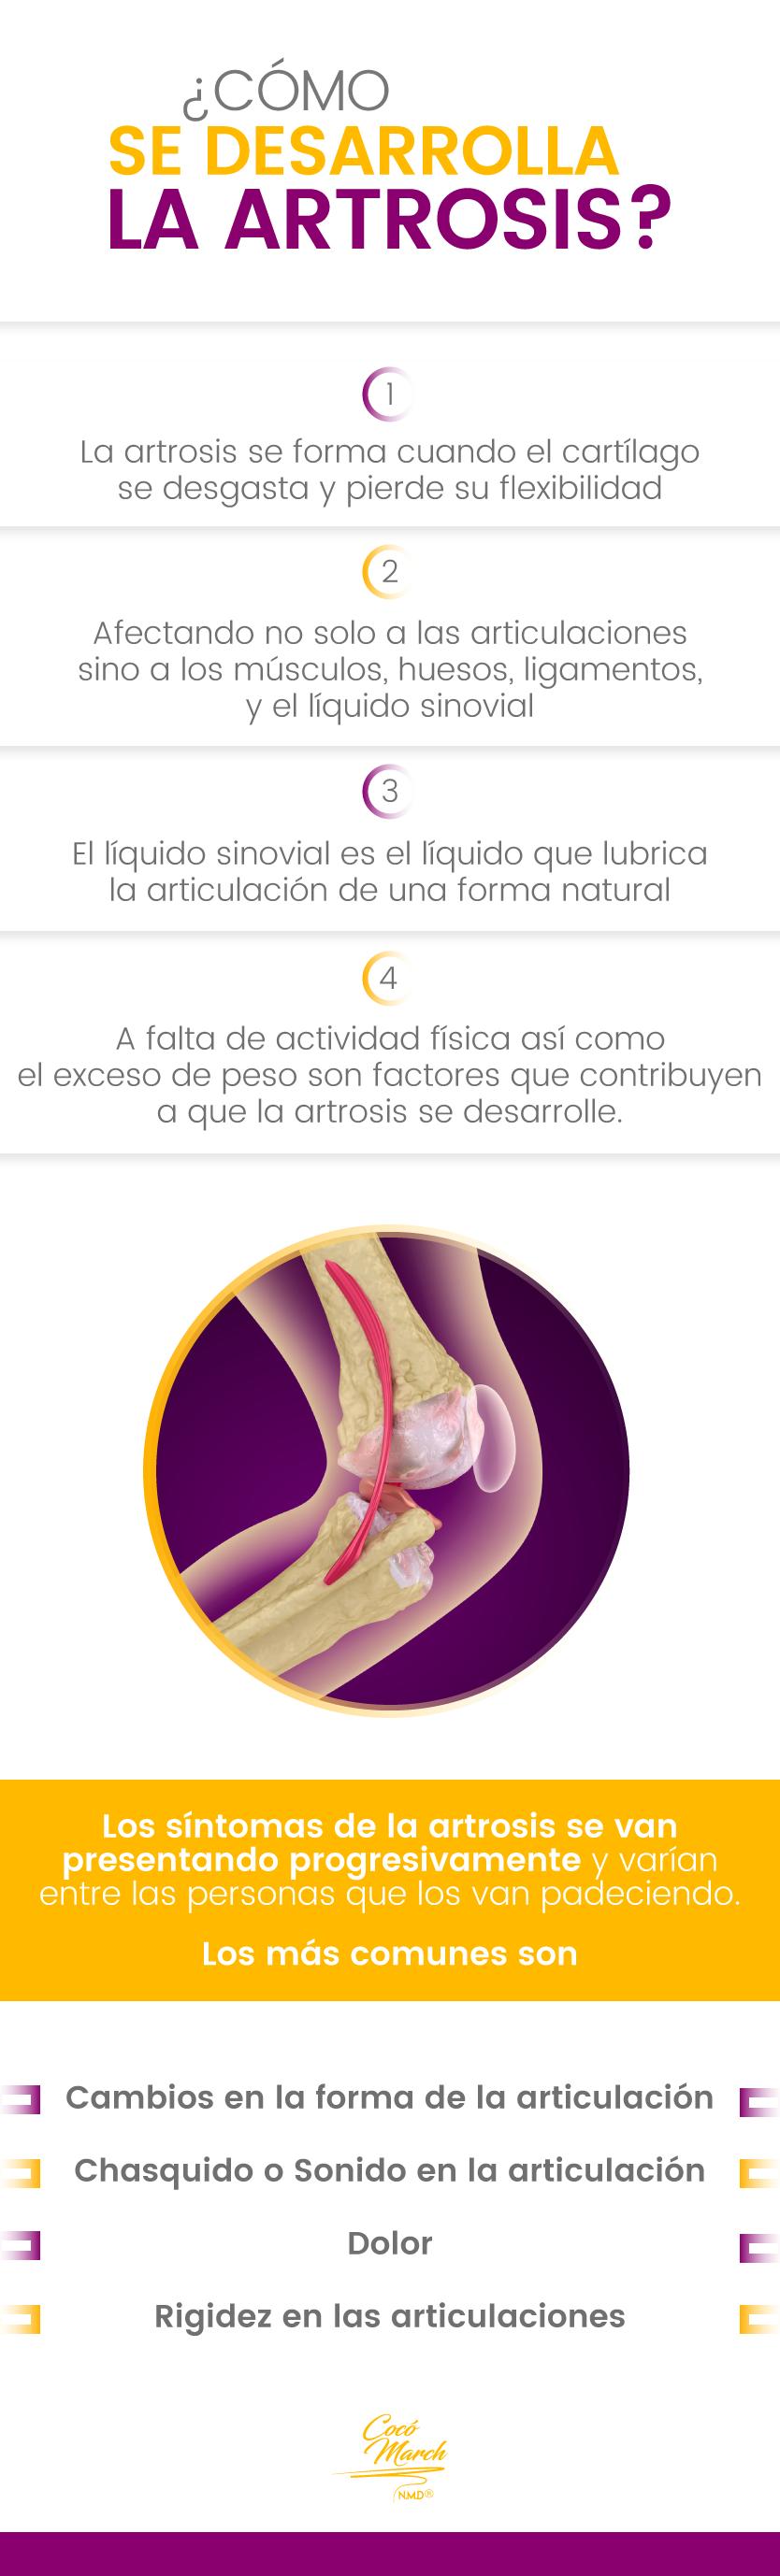 artrosis-como-se-desarrolla